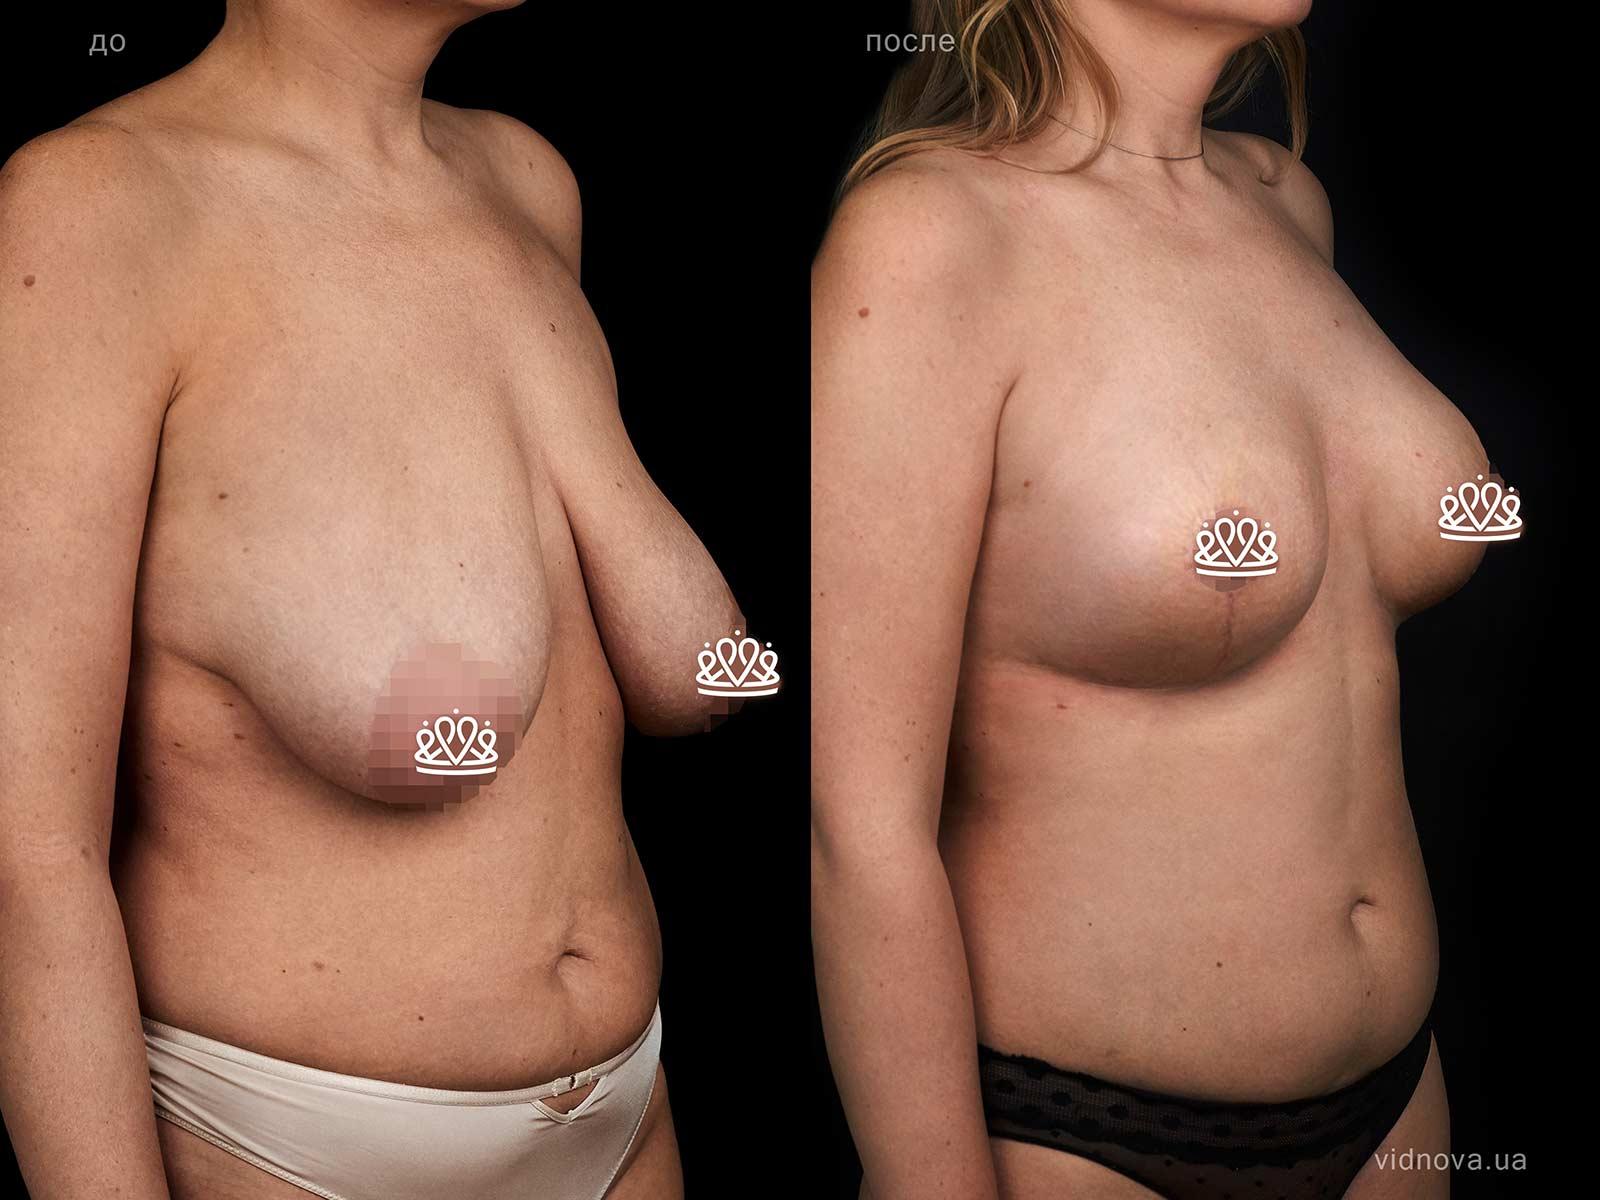 Пластика груди: результаты до и после - Пример №128-1 - Светлана Работенко